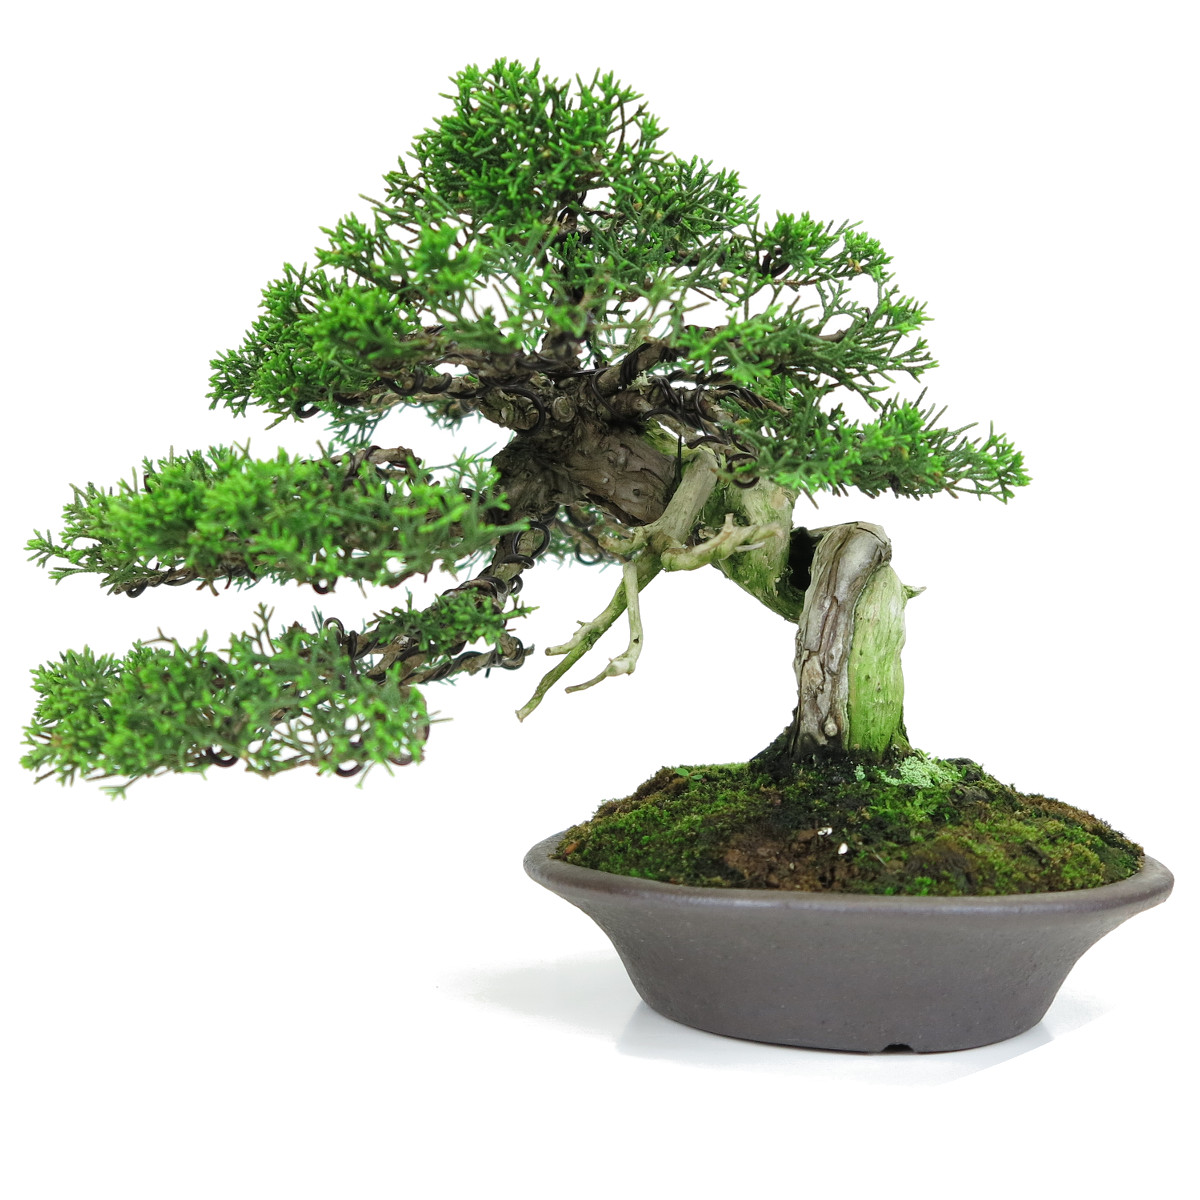 http://bonsai-shohin.com/wp-content/uploads/2017/05/genévrier-shohin.jpg